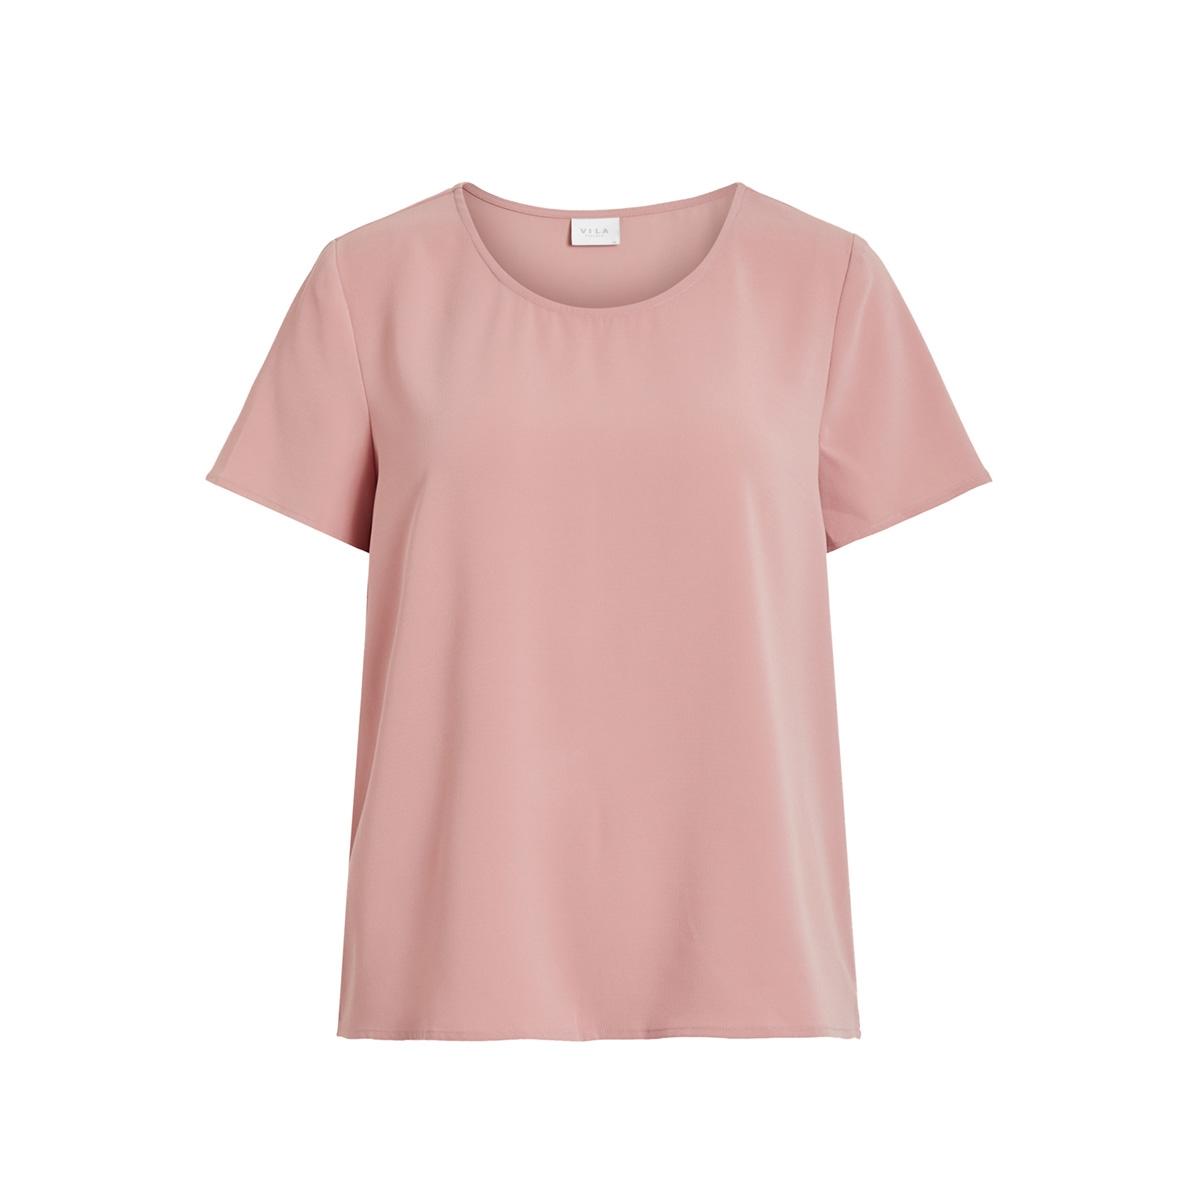 vilaia s/s top - noos 14049862 vila t-shirt brandied apricot